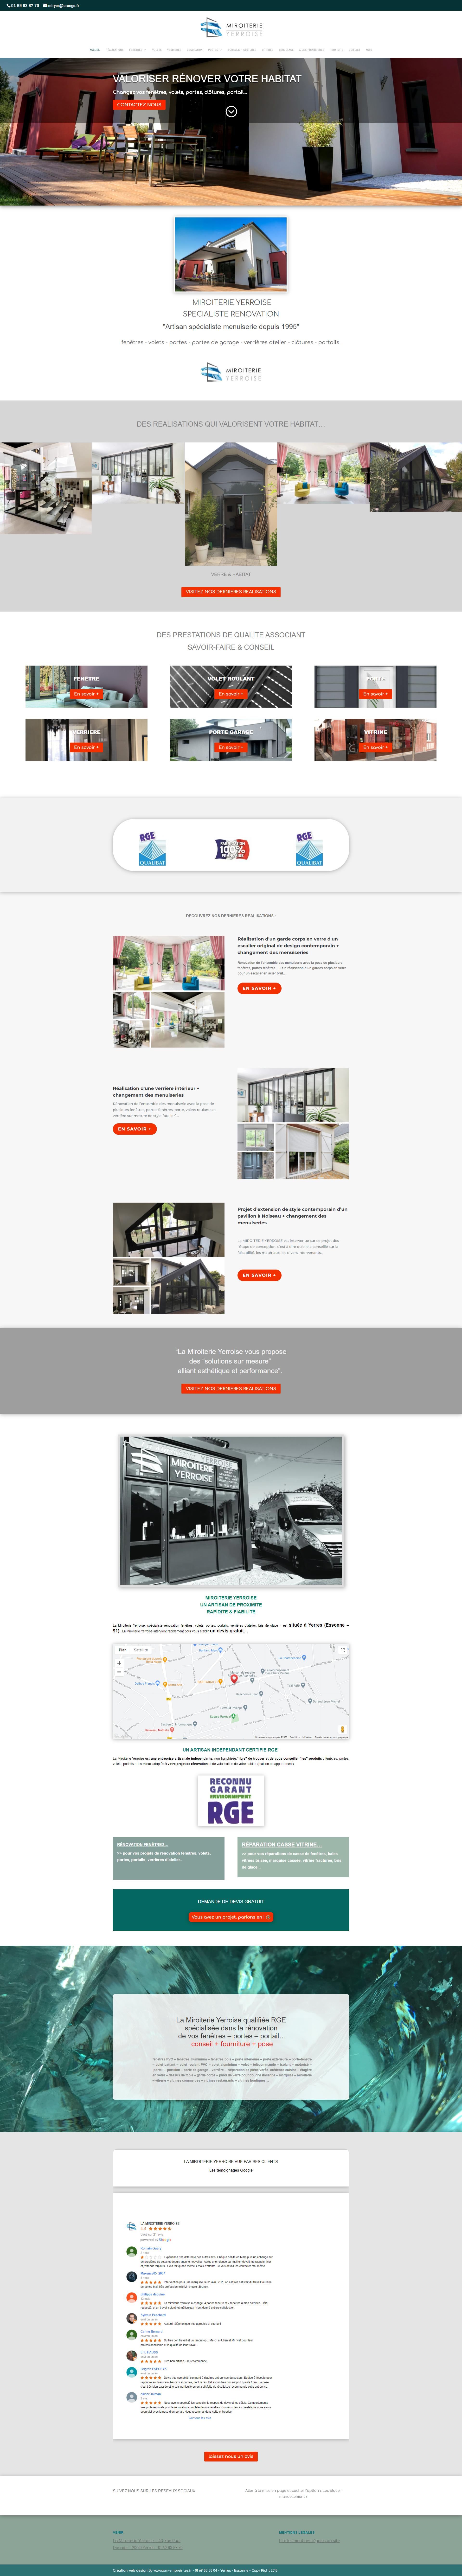 Création site web vitrine pour artisan - Essonne - Par l'agence de communication digitale Com' Empreintes